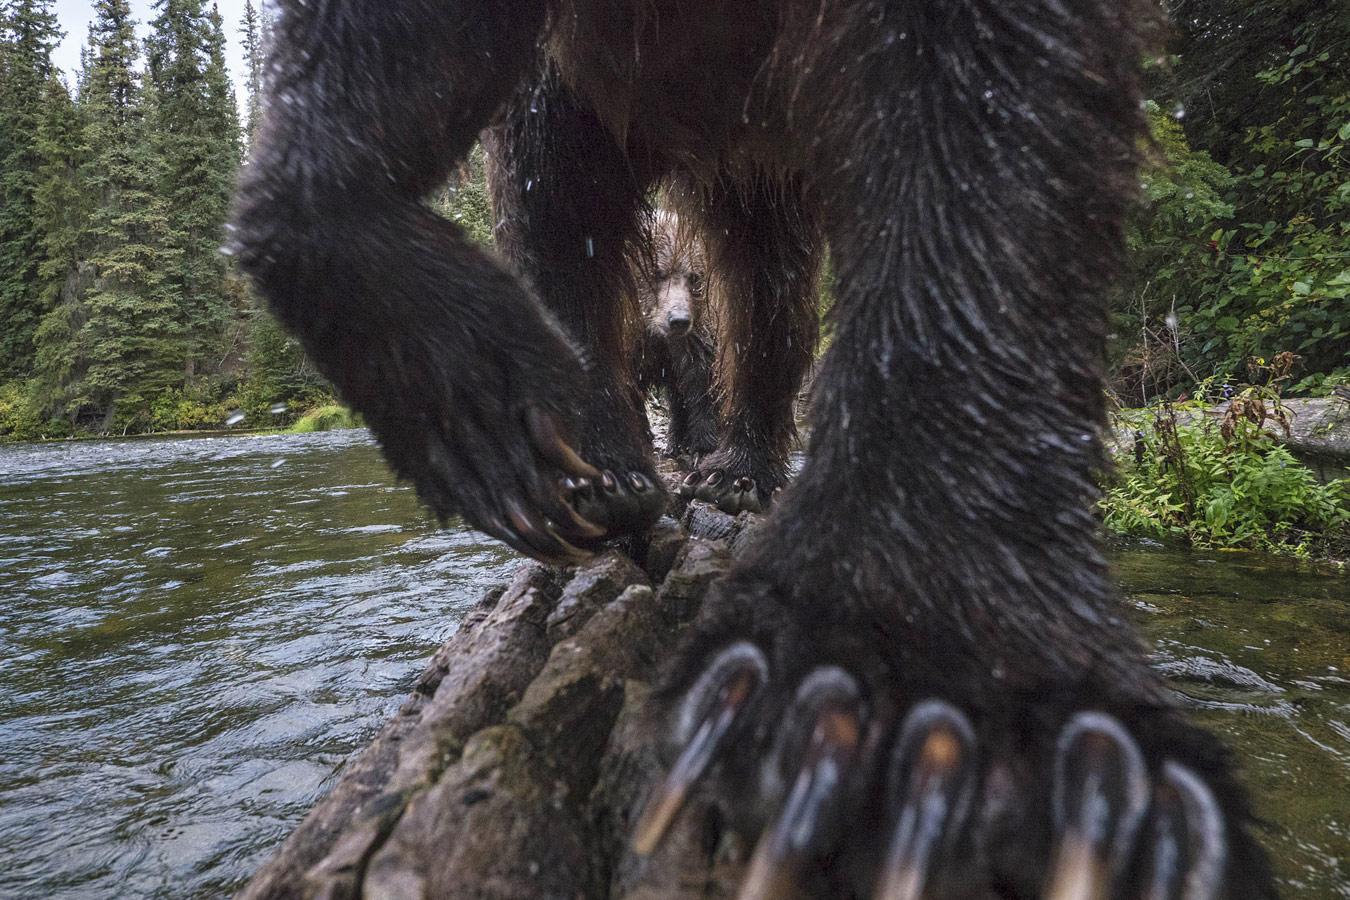 © Питер Матер / Peter Mather, Победитель в категории «Млекопитающее», Фотоконкурс Oasis Photo Contest